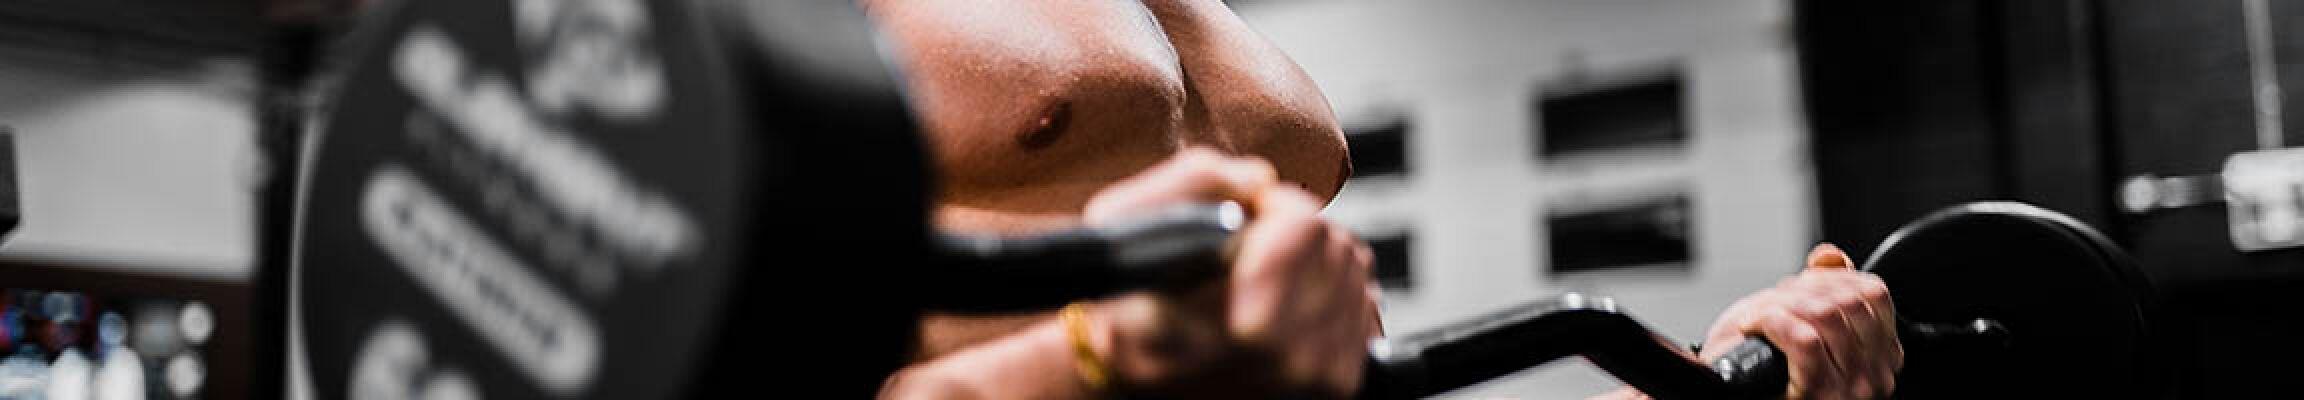 Trotz Muskelkater trainieren - Auswirkung auf die Hypertrophie